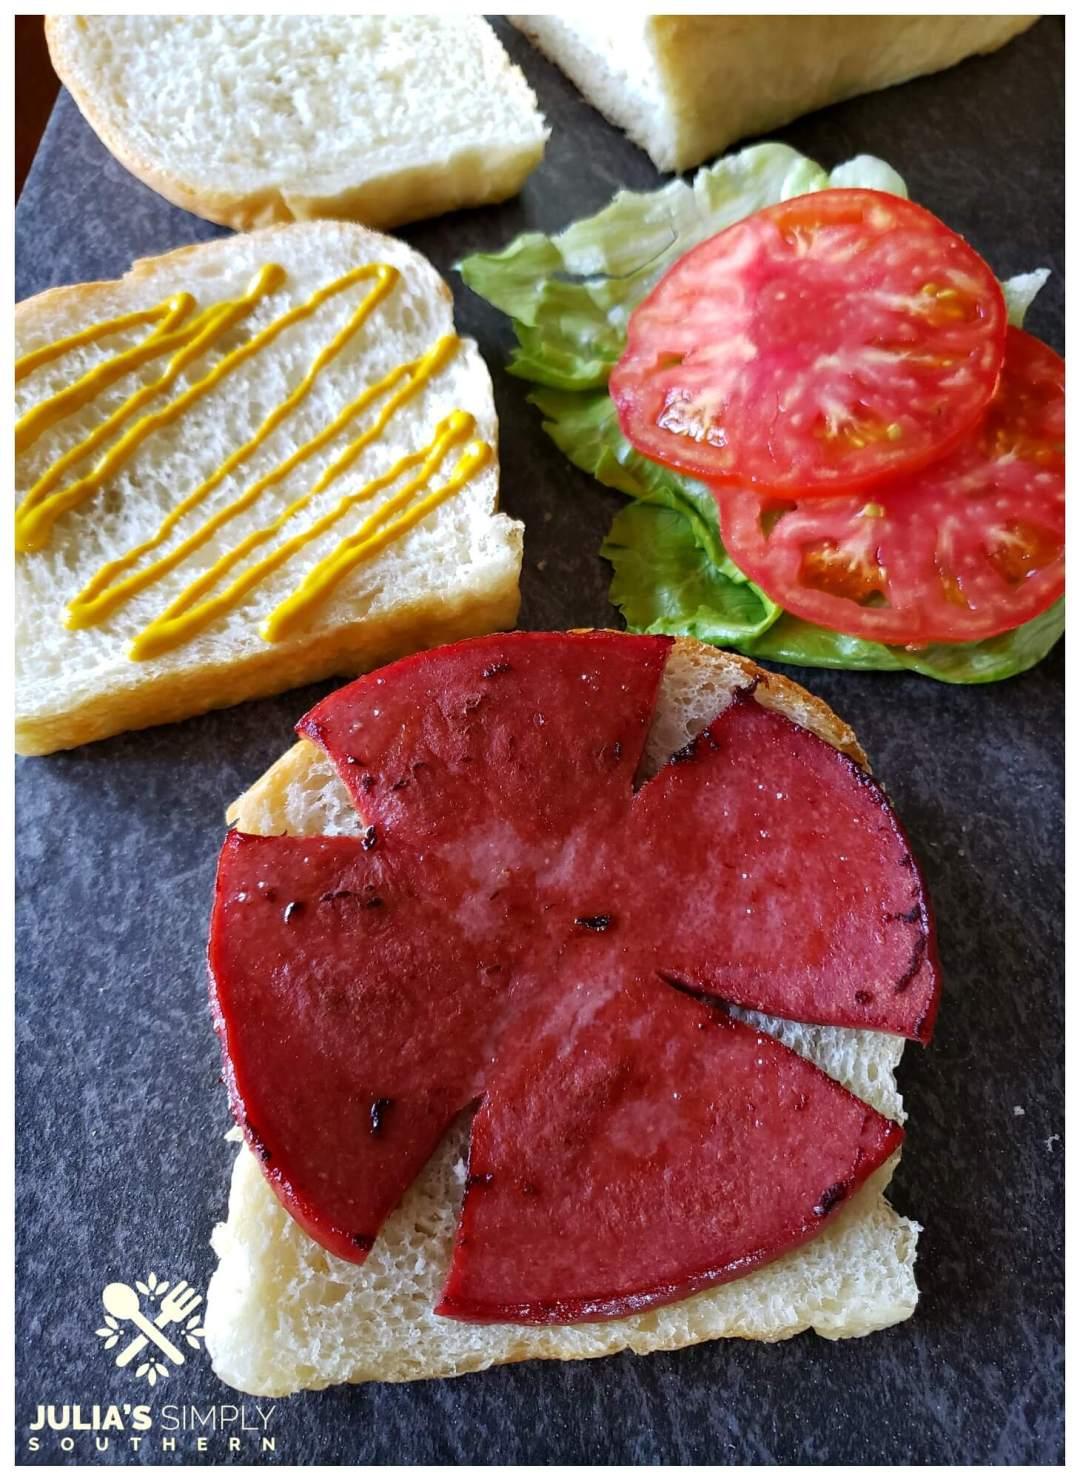 Gourmet fried bologna sandwich